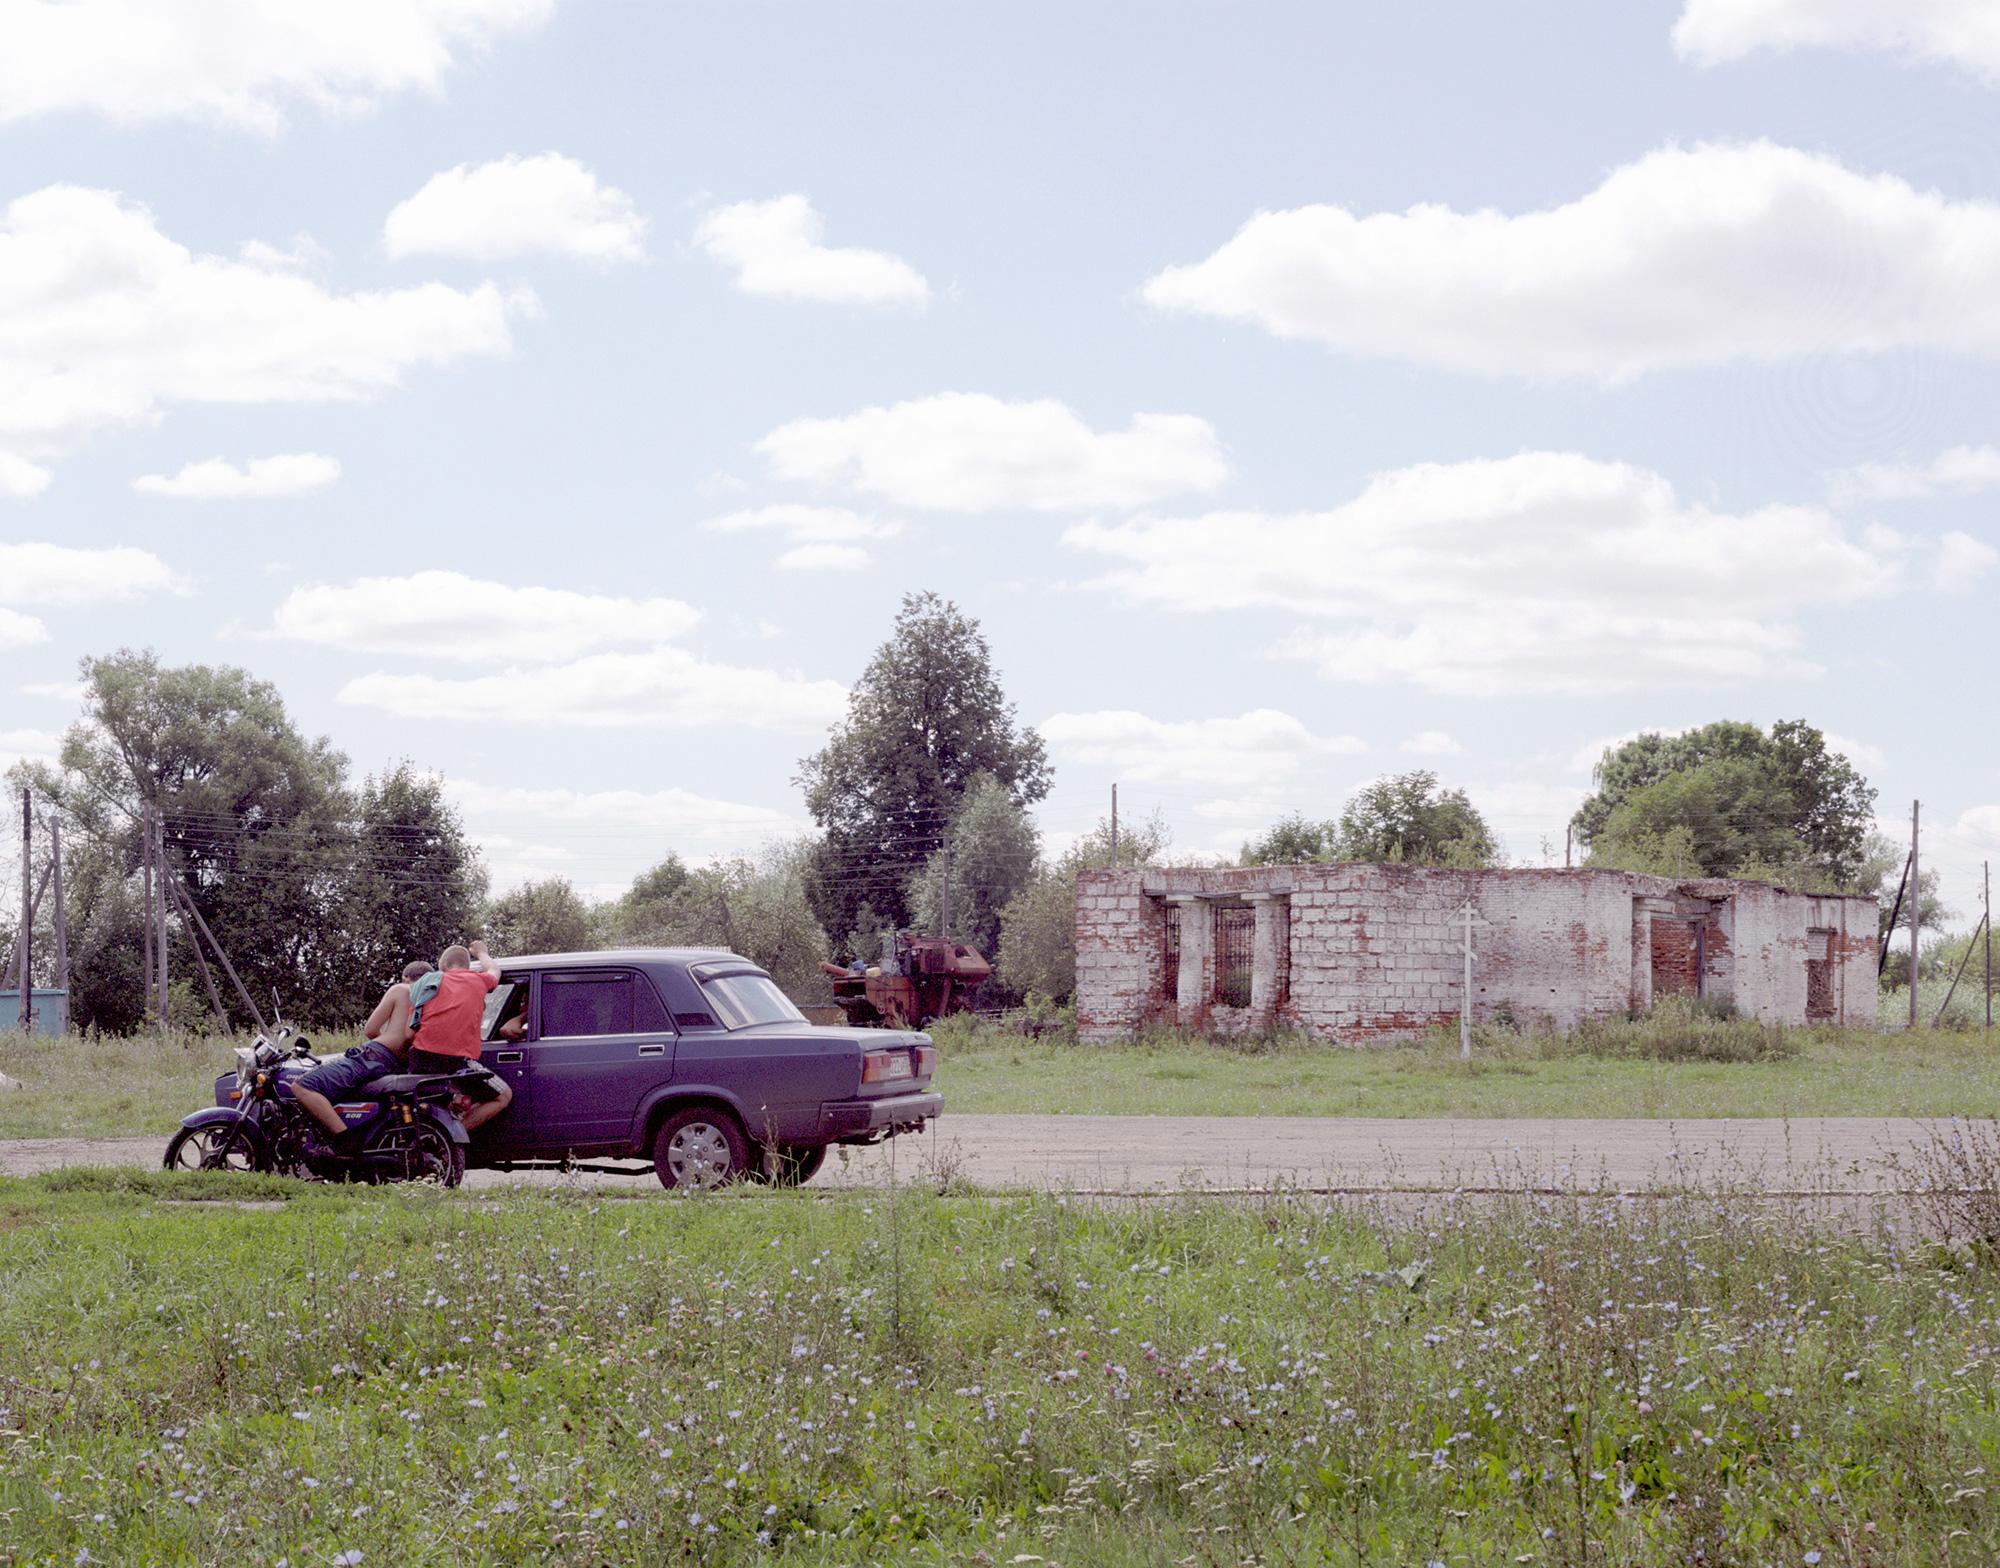 Speschnewo, Dorfplatz, Ruine der Kirche des Heiligen Johannes des Theologen